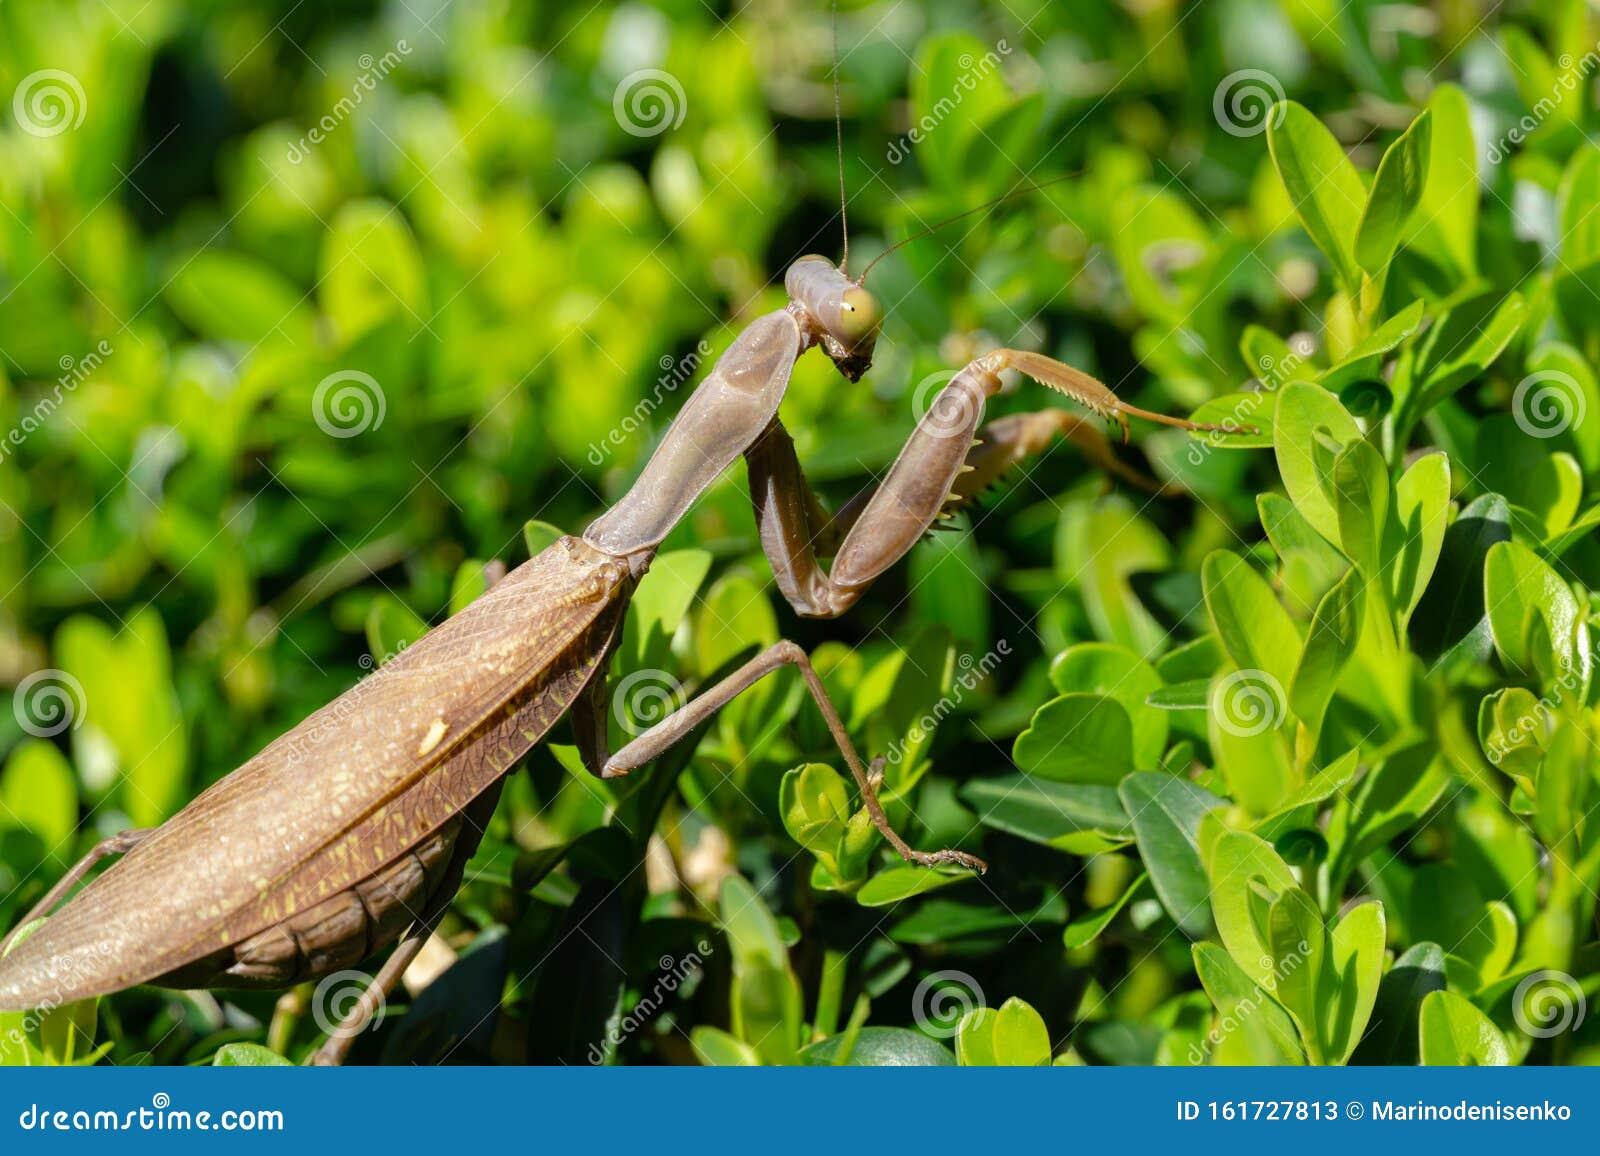 Macro Of Brown Female European Mantis Or Praying Mantis In Natural